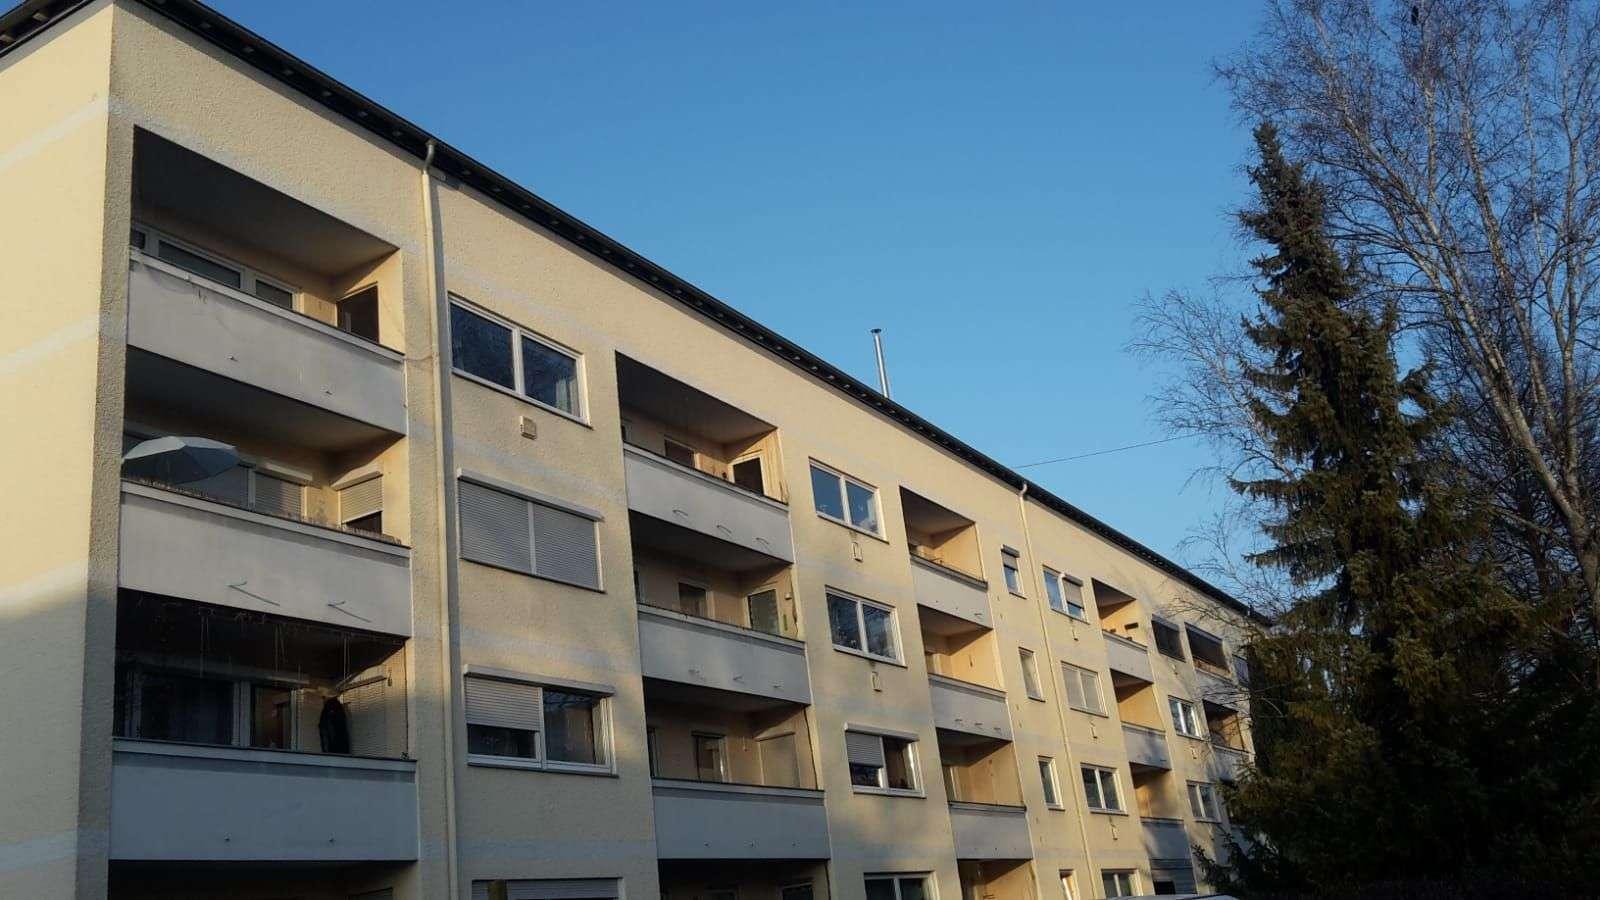 1-Zimmer-Apartement mit Balkon und EBK in Rosenheim Mitte in Rosenheim-Ost (Rosenheim)